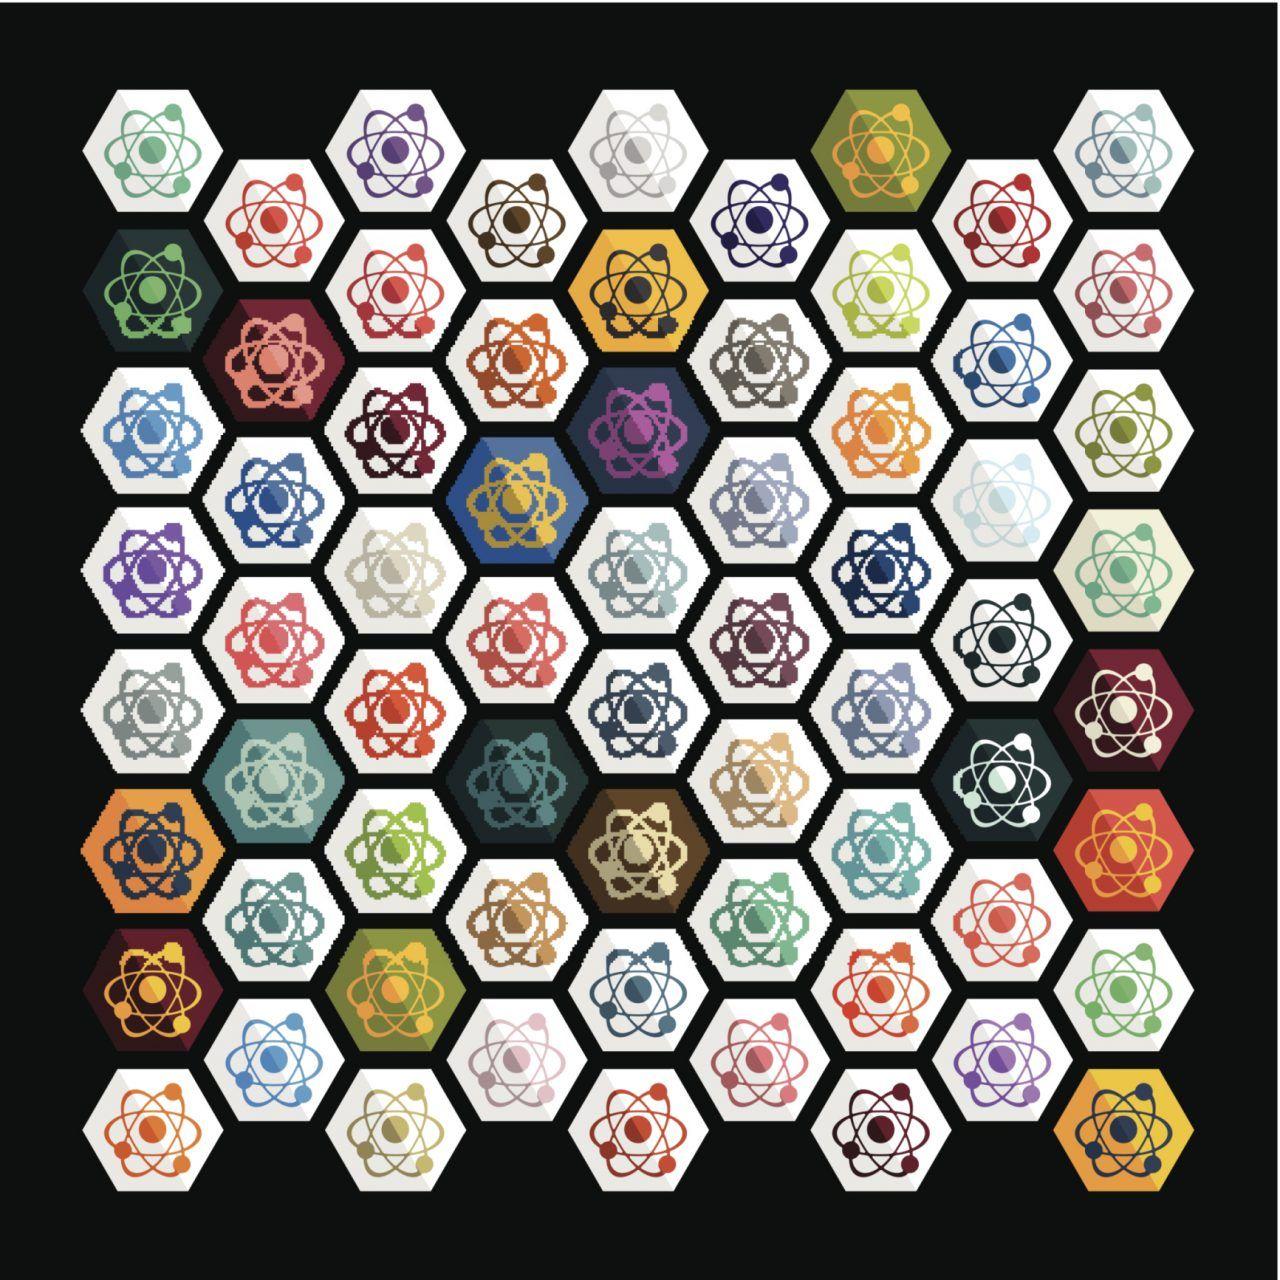 Siete recursos interactivos para profesores de física y química